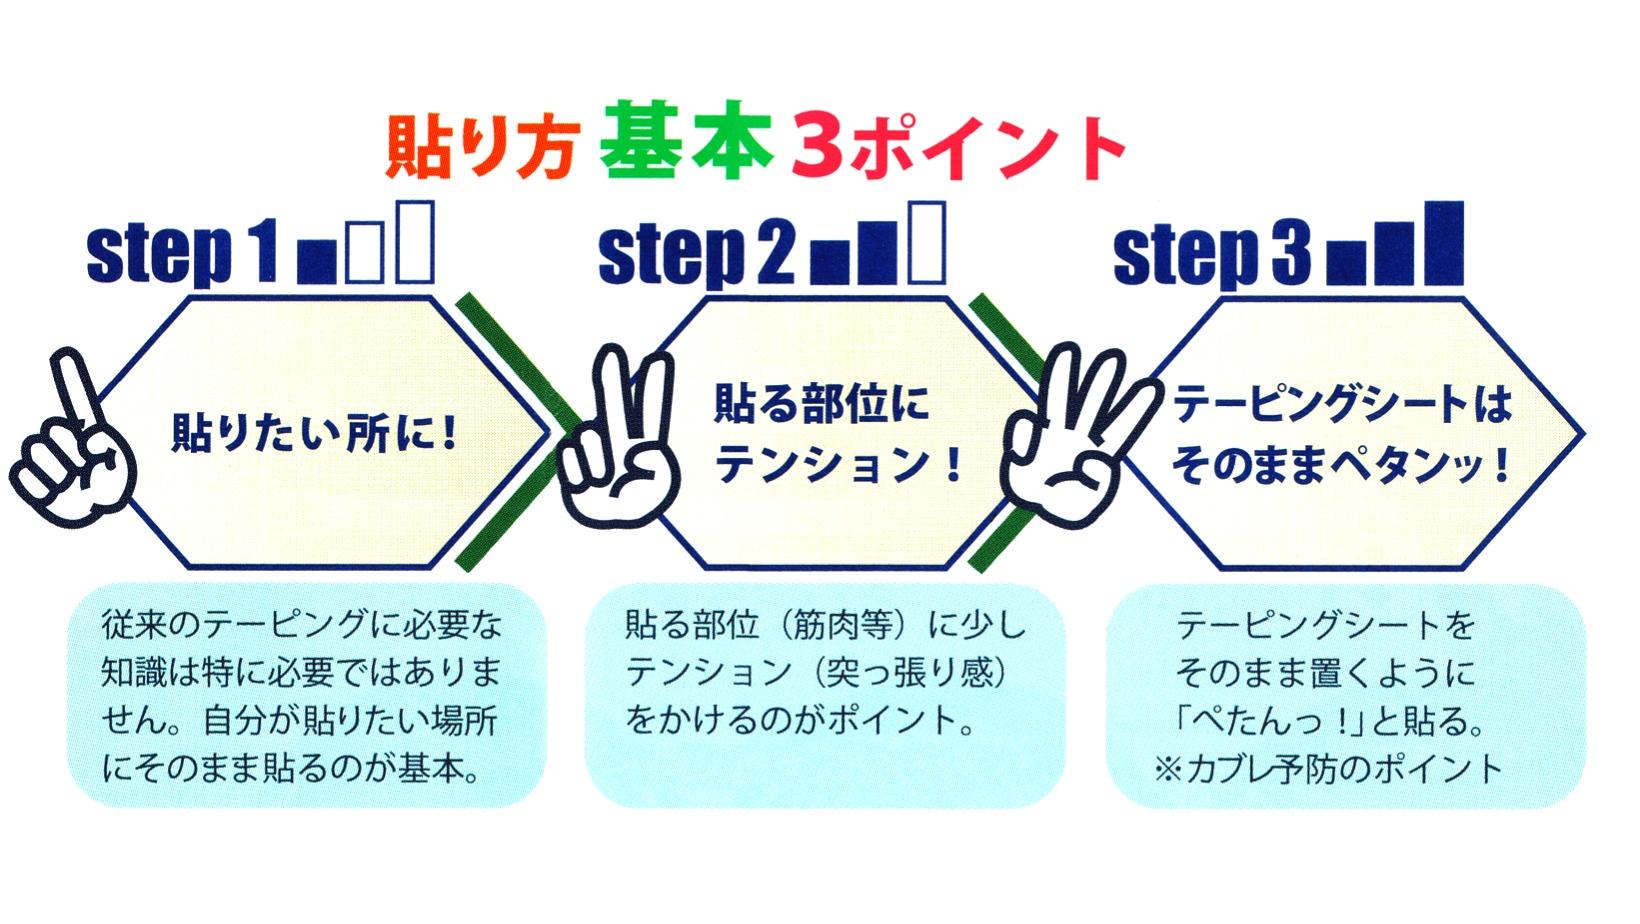 穴あきテーピングシートの貼り方基本3ポイント